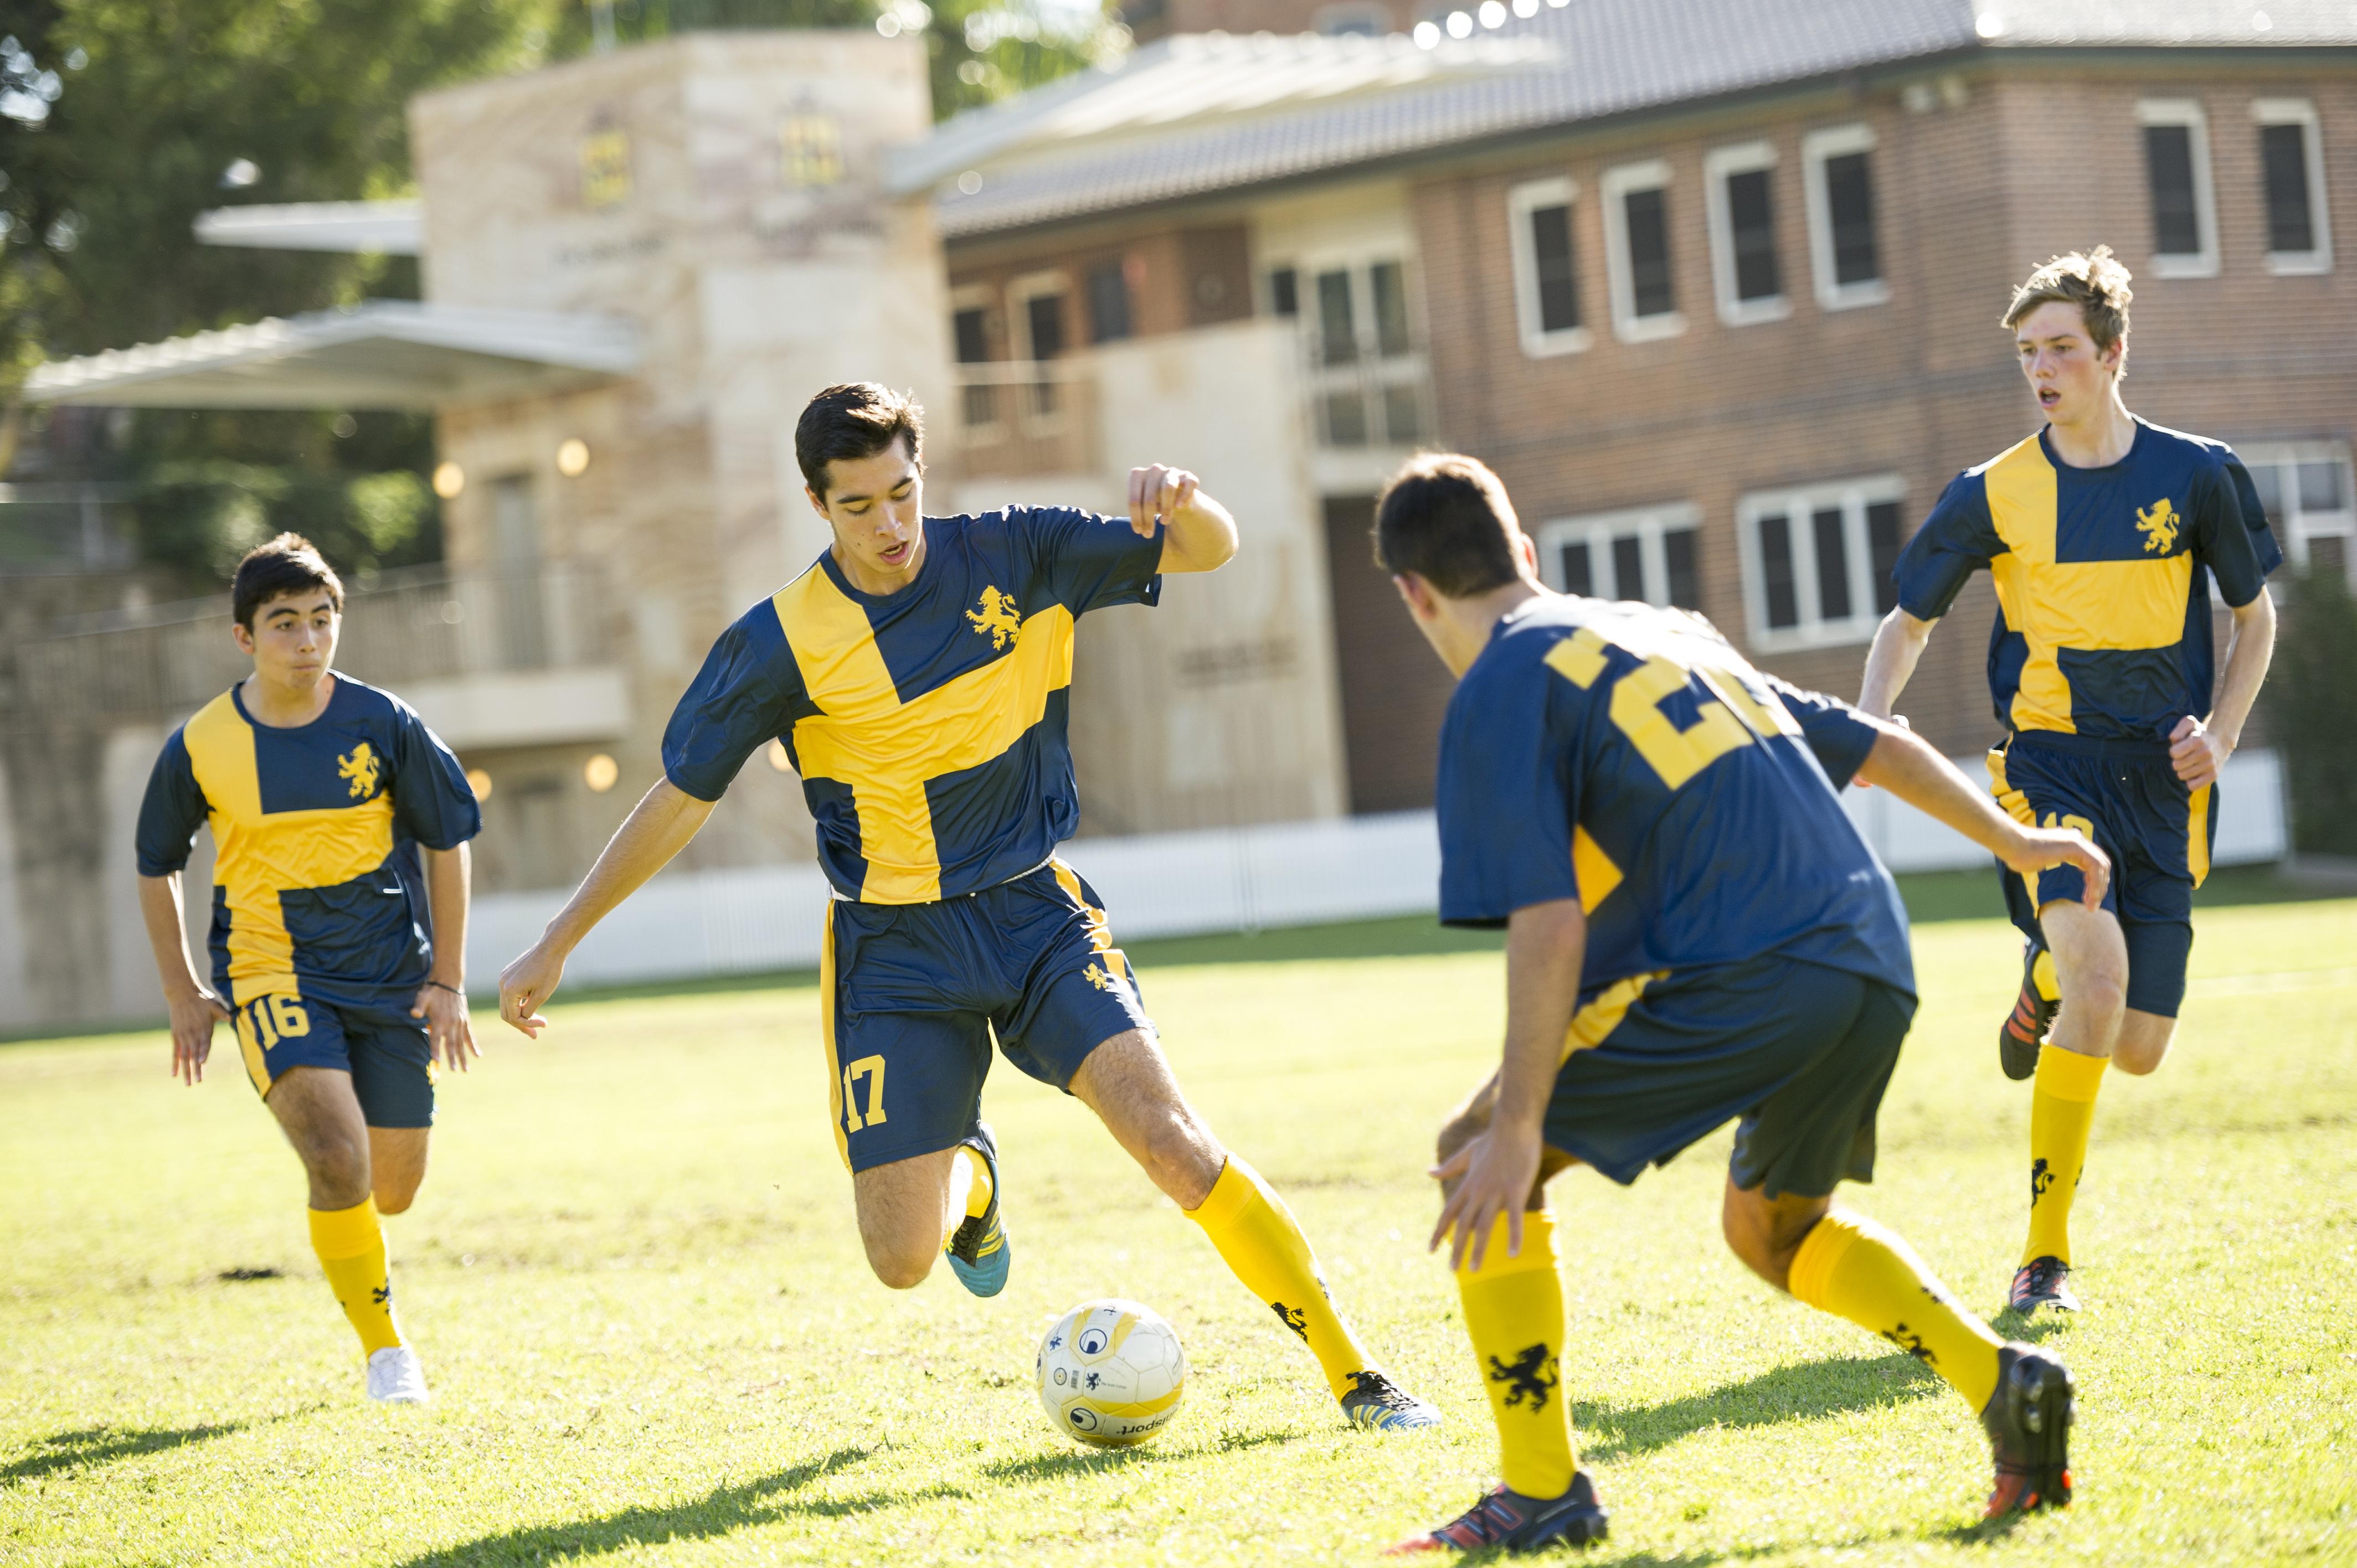 210113 Football for Aaron Averay GBlue_120511_D3s_3757_Lge (1).jpg